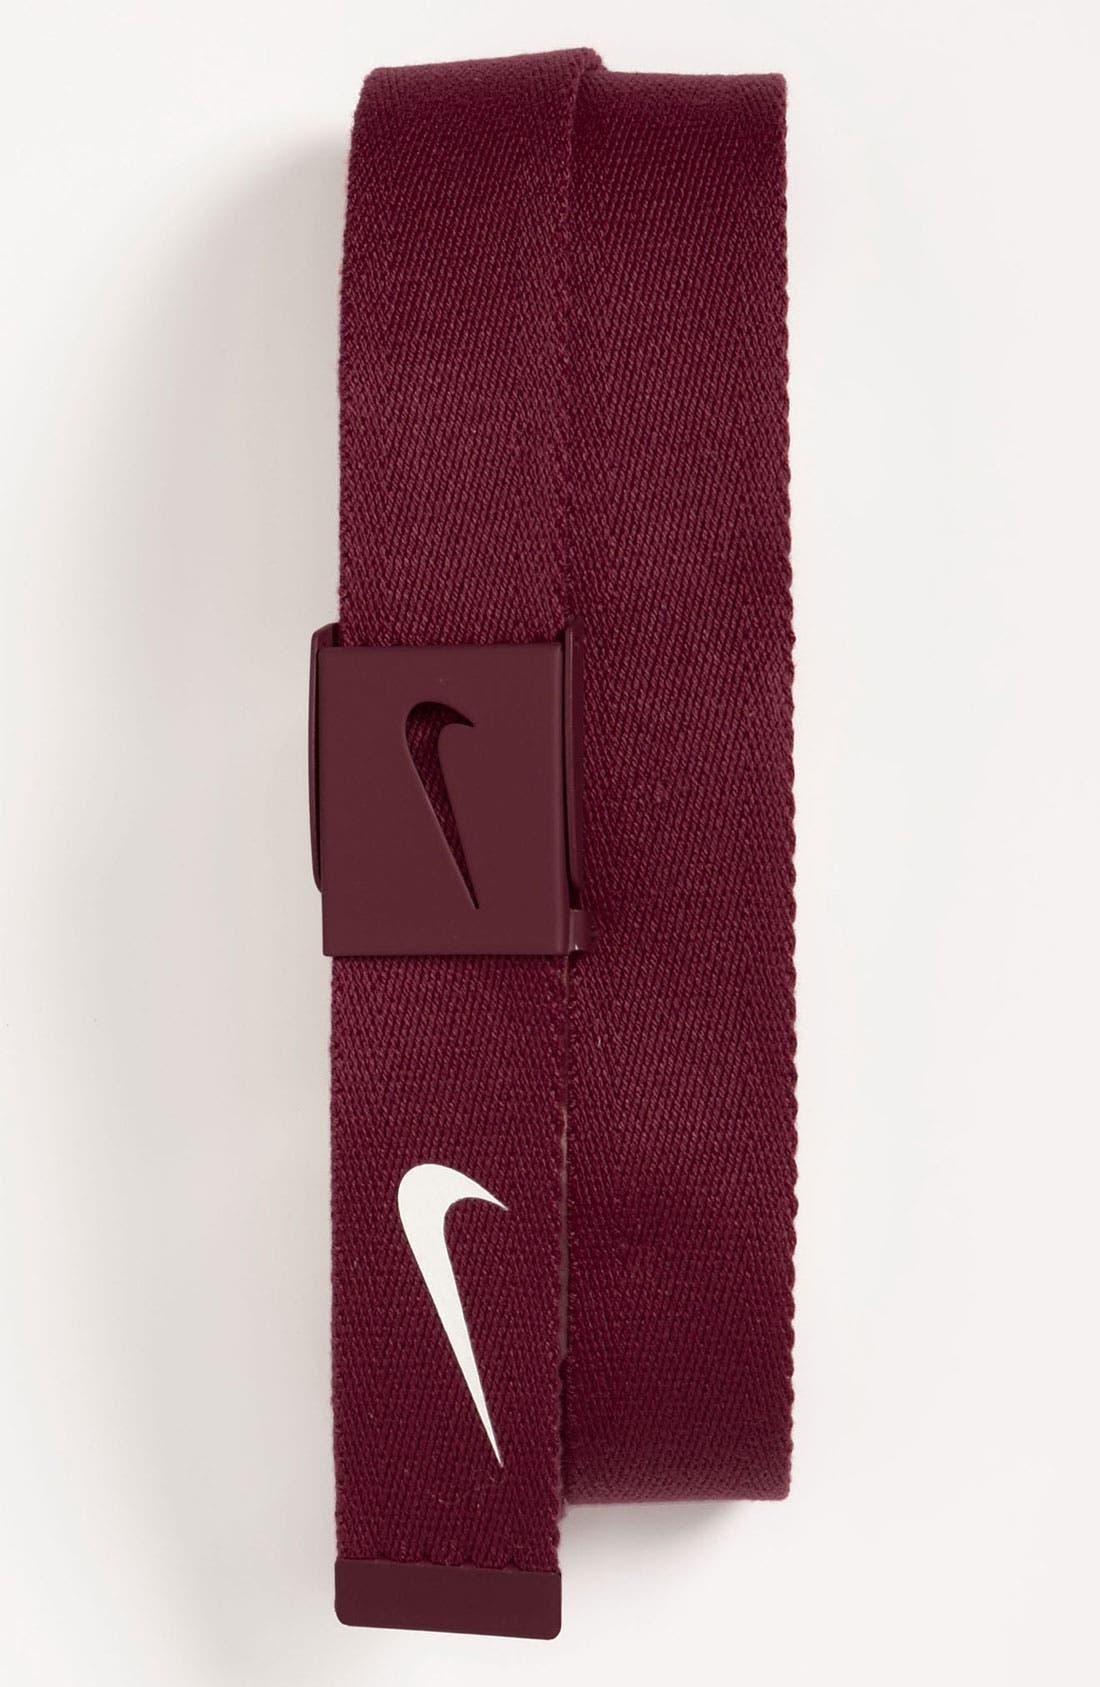 Main Image - Nike Golf 'Tech Essentials' Web Belt